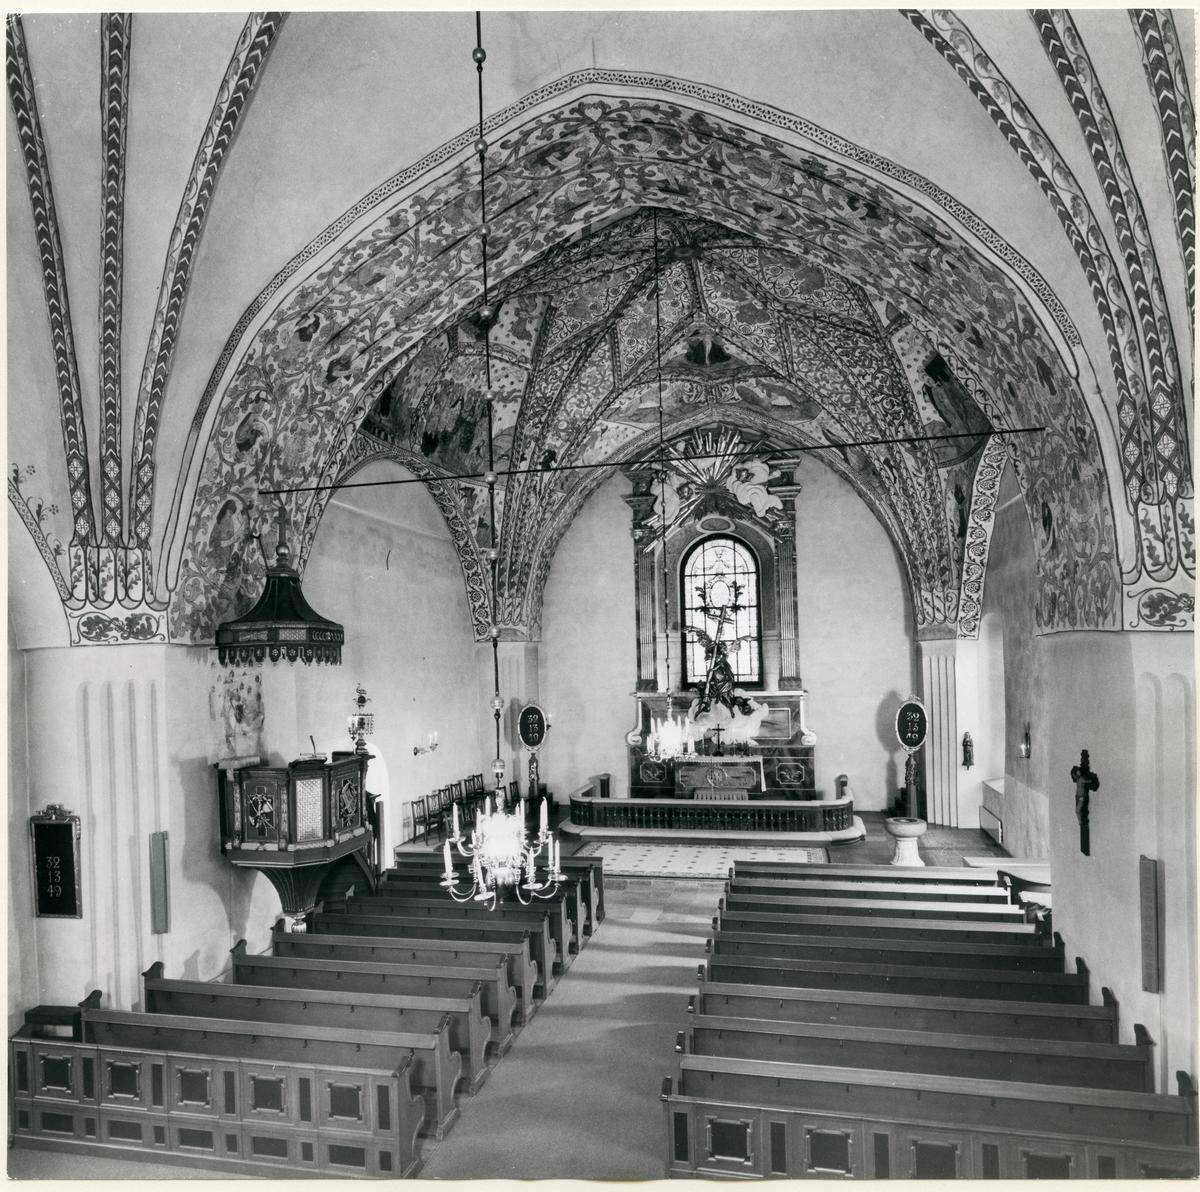 Dingtuna sn, kyrkan.  Interiör av Dingtuna kyrka, mot altaret från 1750. Med målningar av Albertus Pictor.